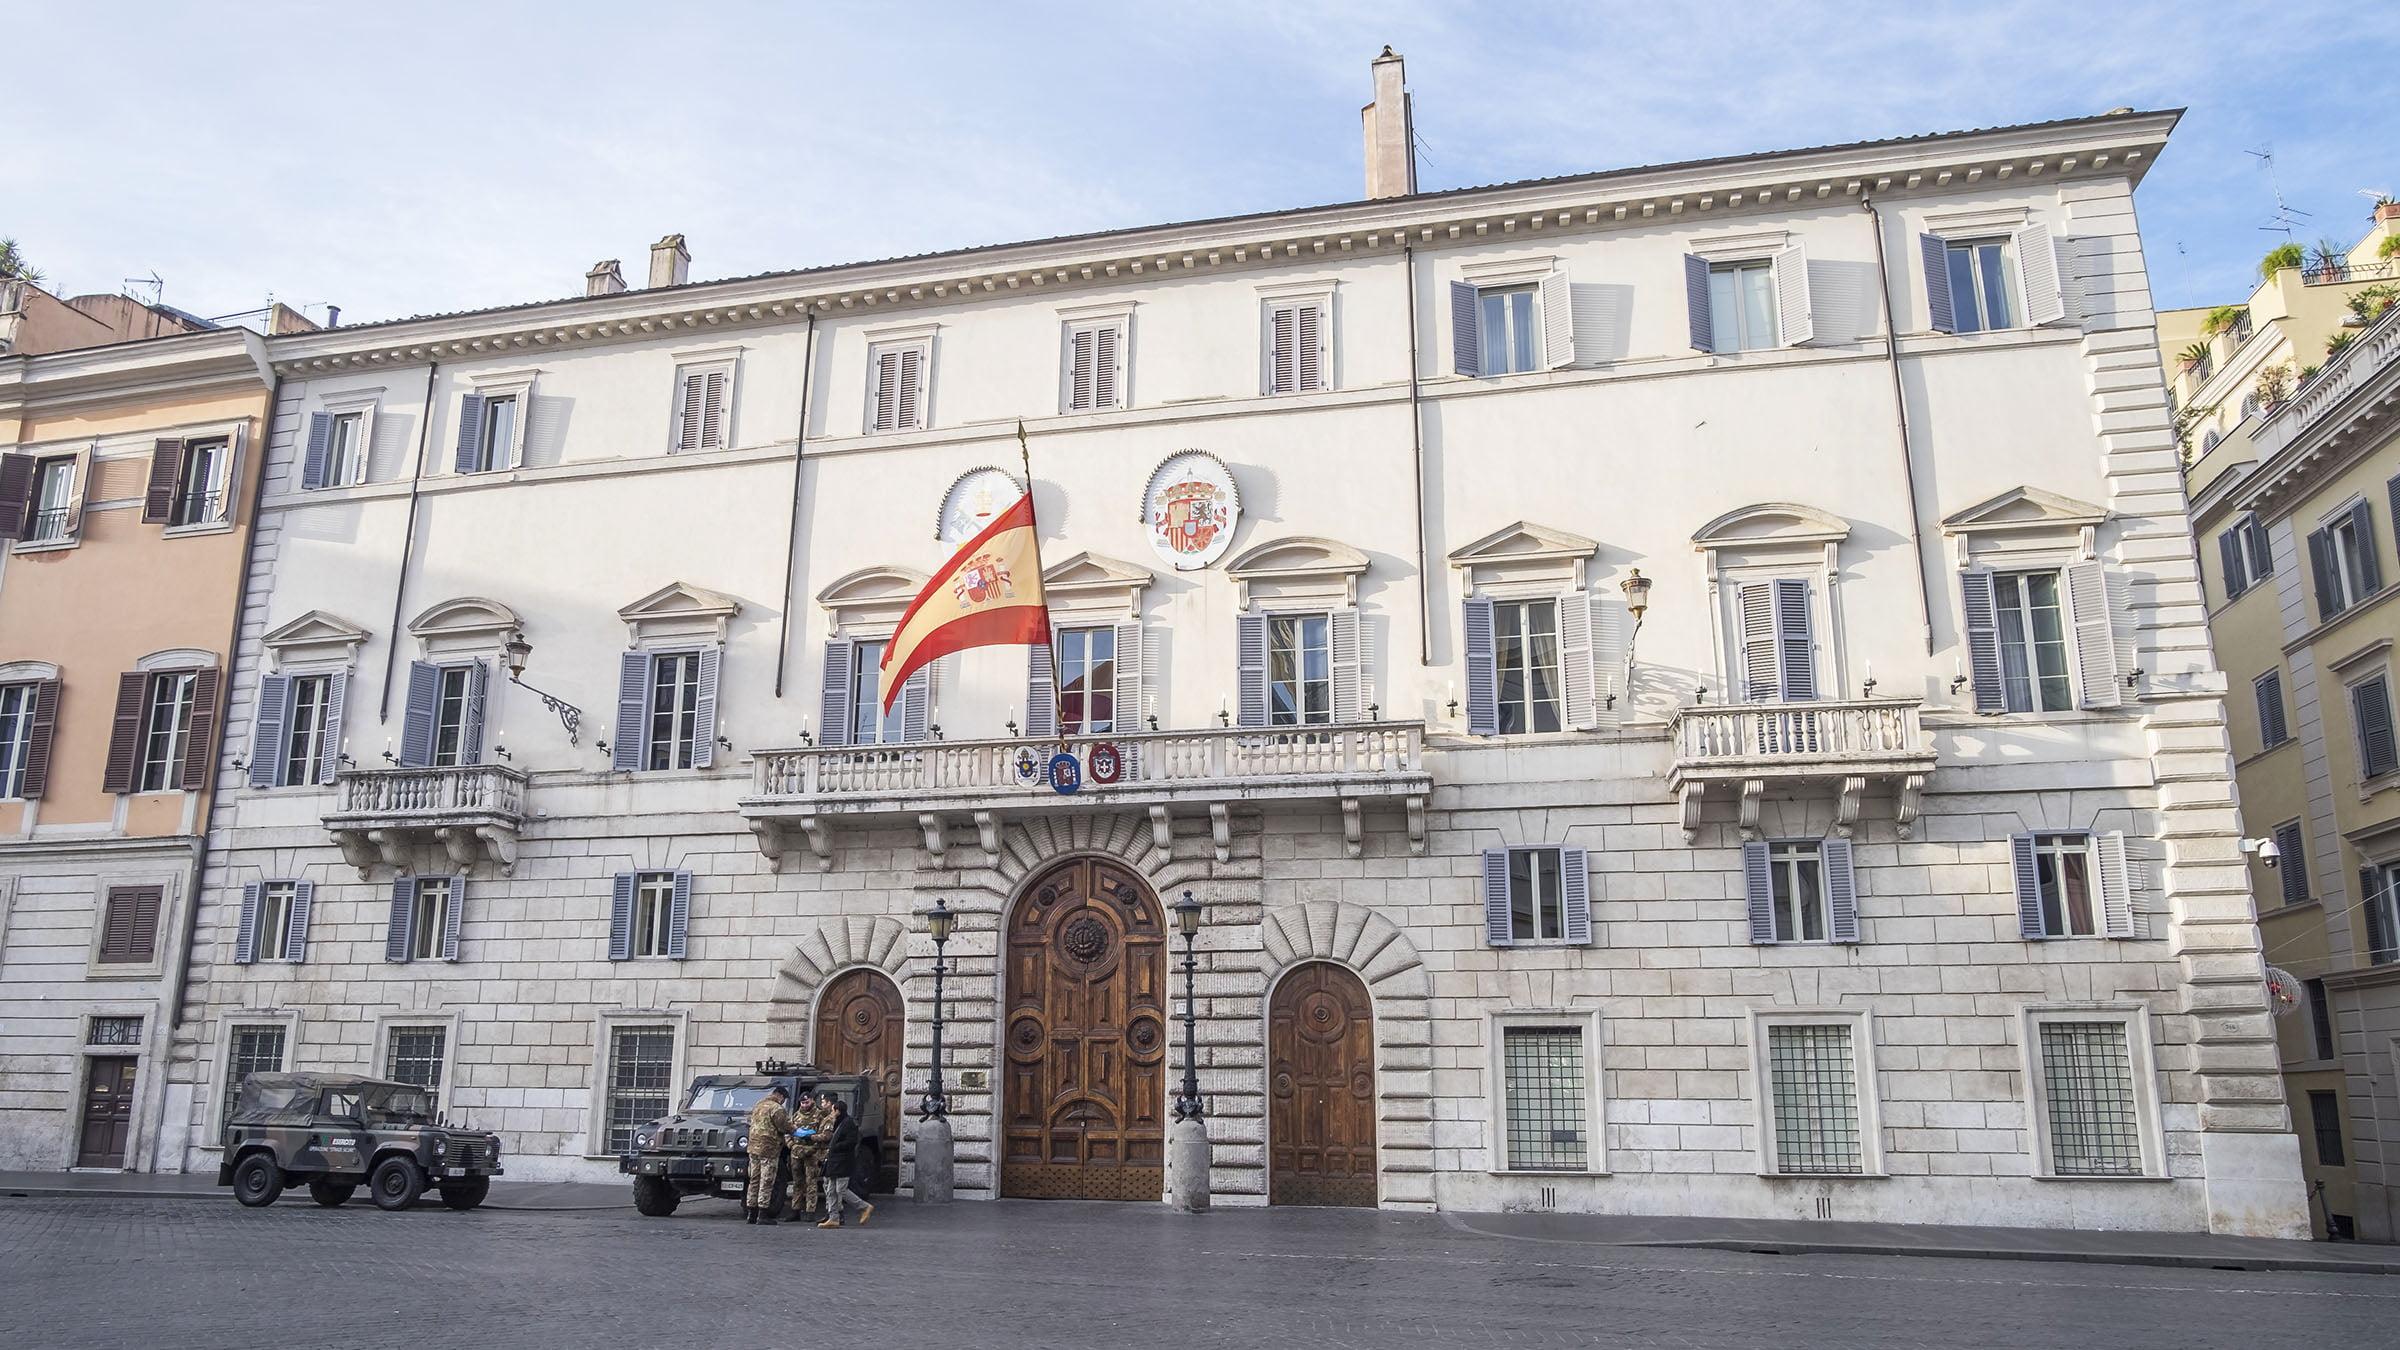 Embajada de espa a en roma italia - Embaja de espana ...